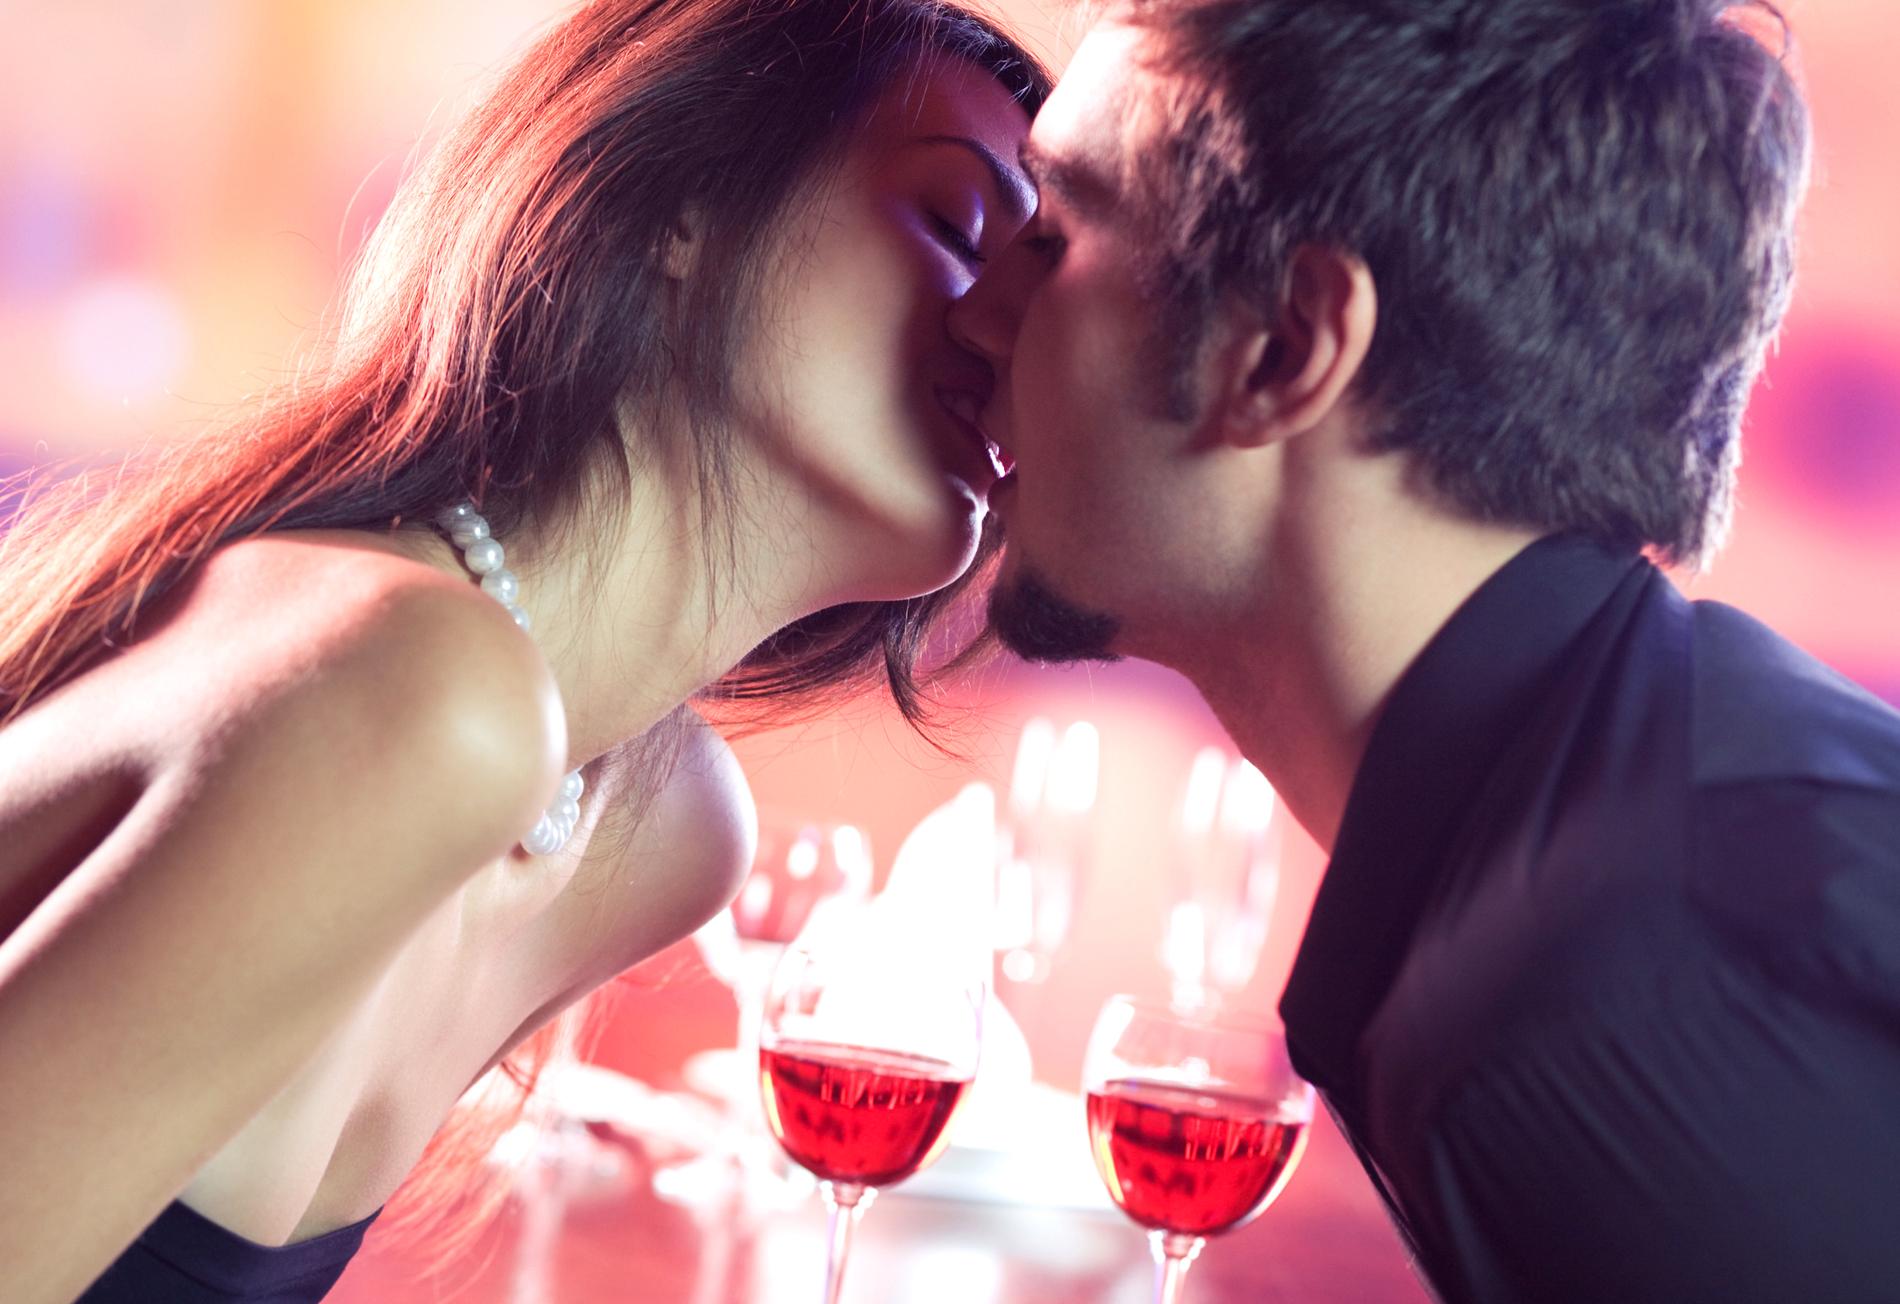 Мужчина и девушка поцелуи картинки